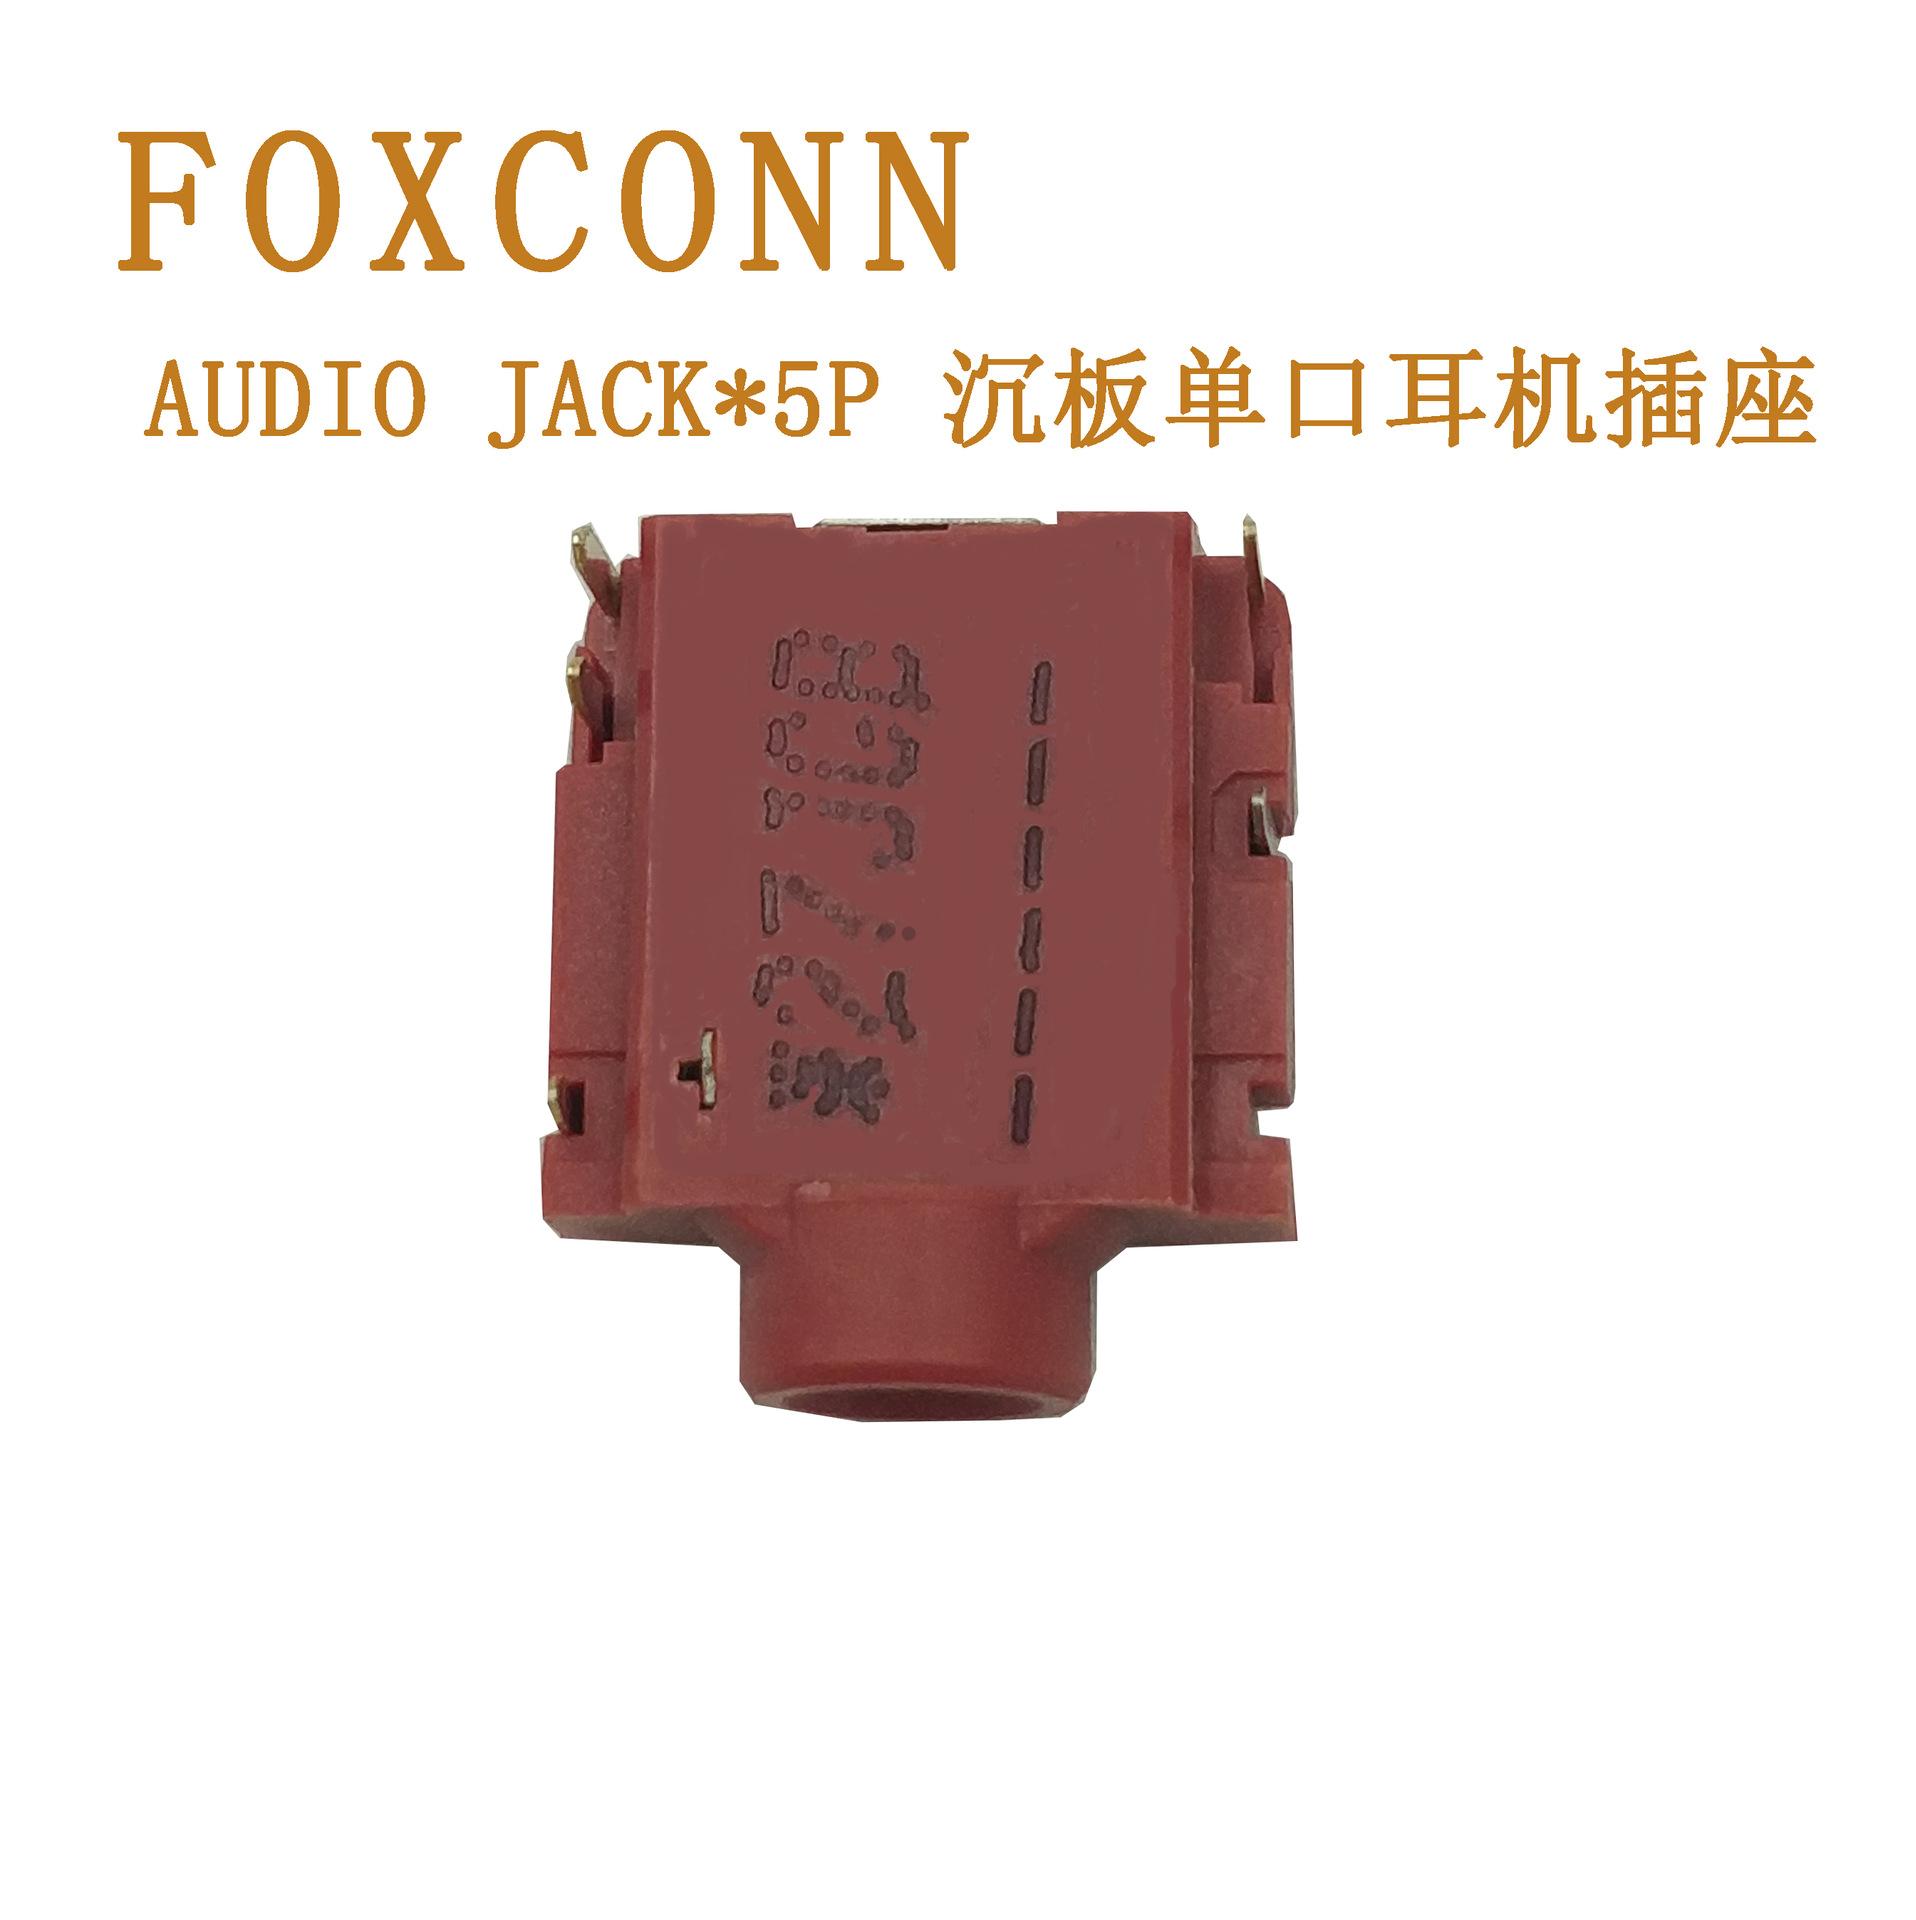 富士康耳机插座5P沉板3.5/2.5mm音频接口JA6331-1000T5R-7H-W